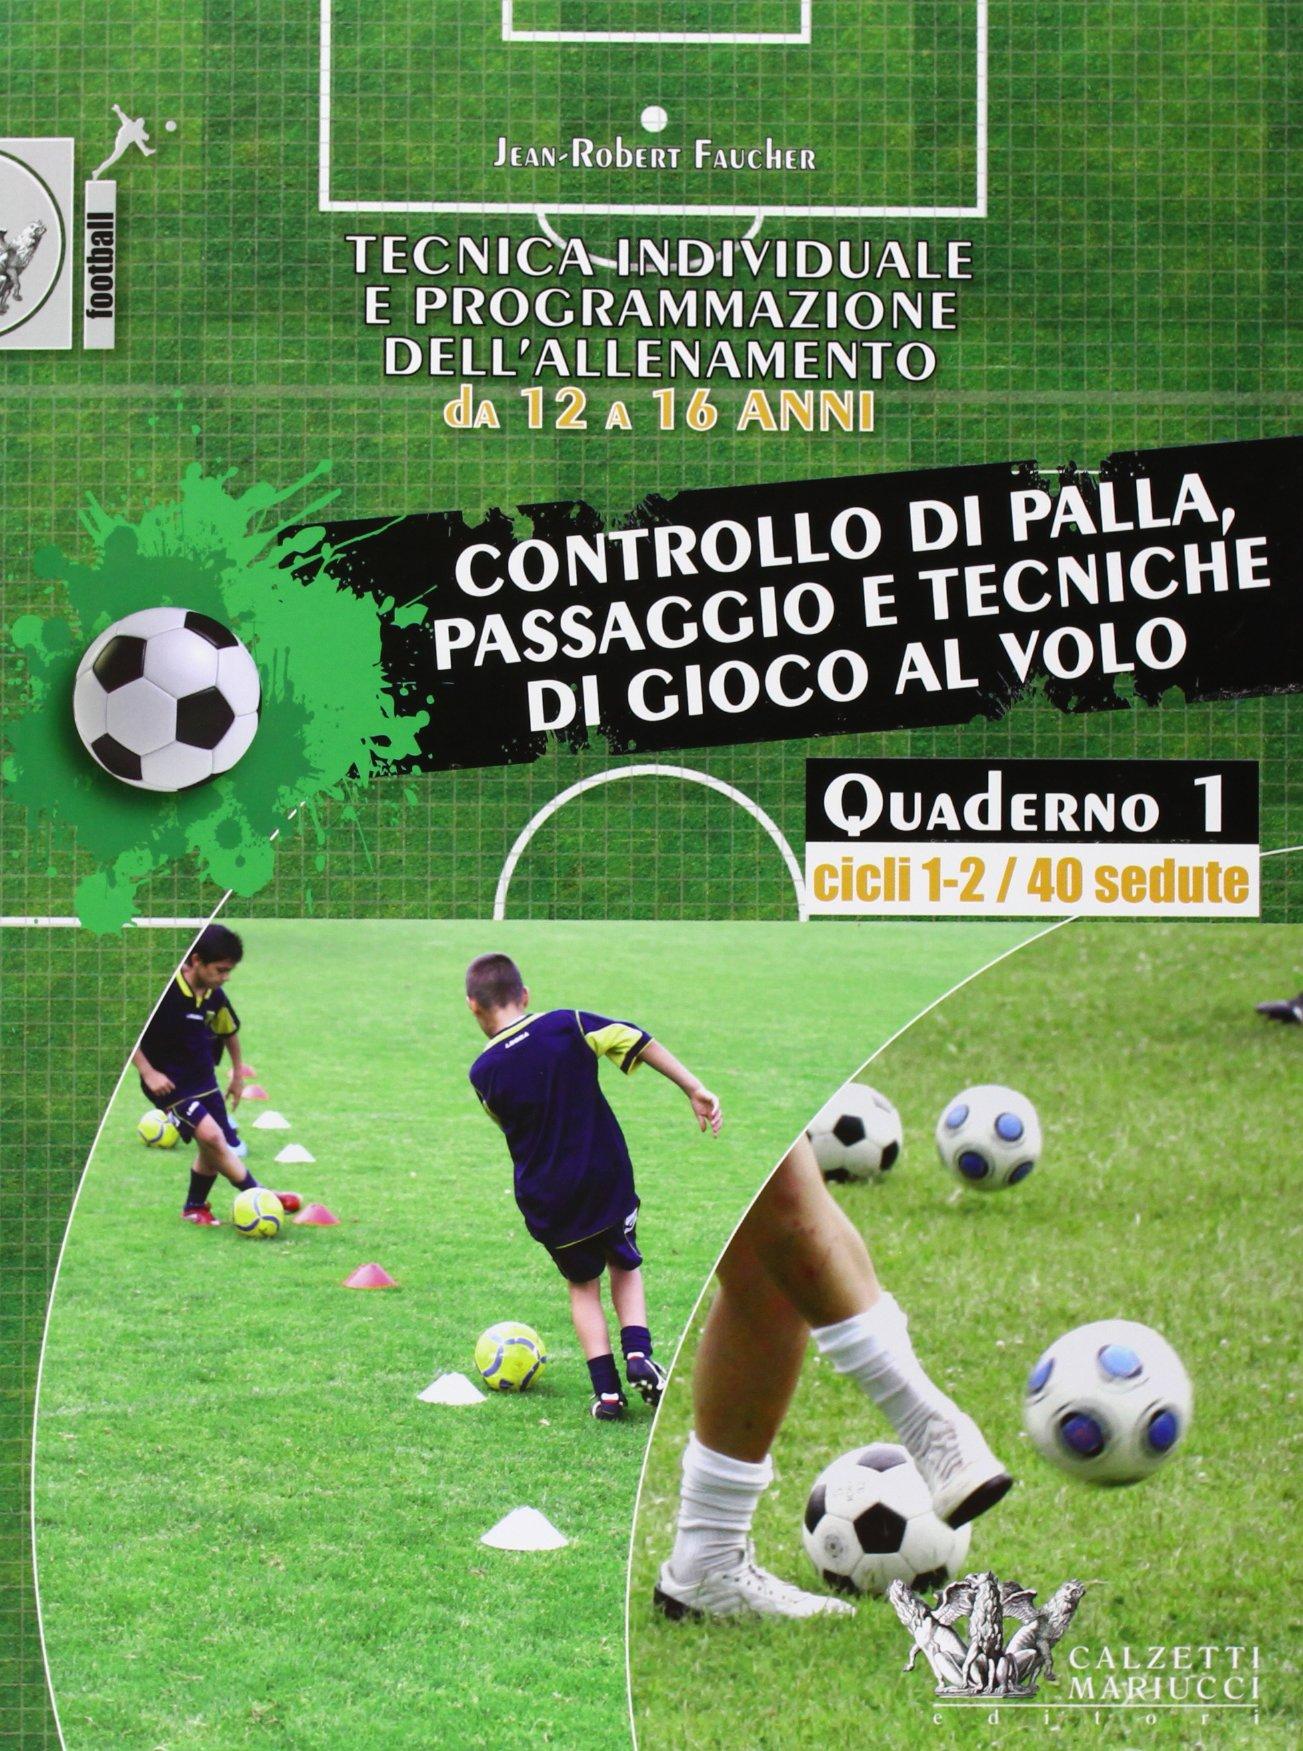 Tecnica individuale e programmazione dell'allenamento da 12 a 16 anni Copertina flessibile – 1 set 2013 Jean-Robert Faucher L. Taiuti Calzetti Mariucci 8860283051